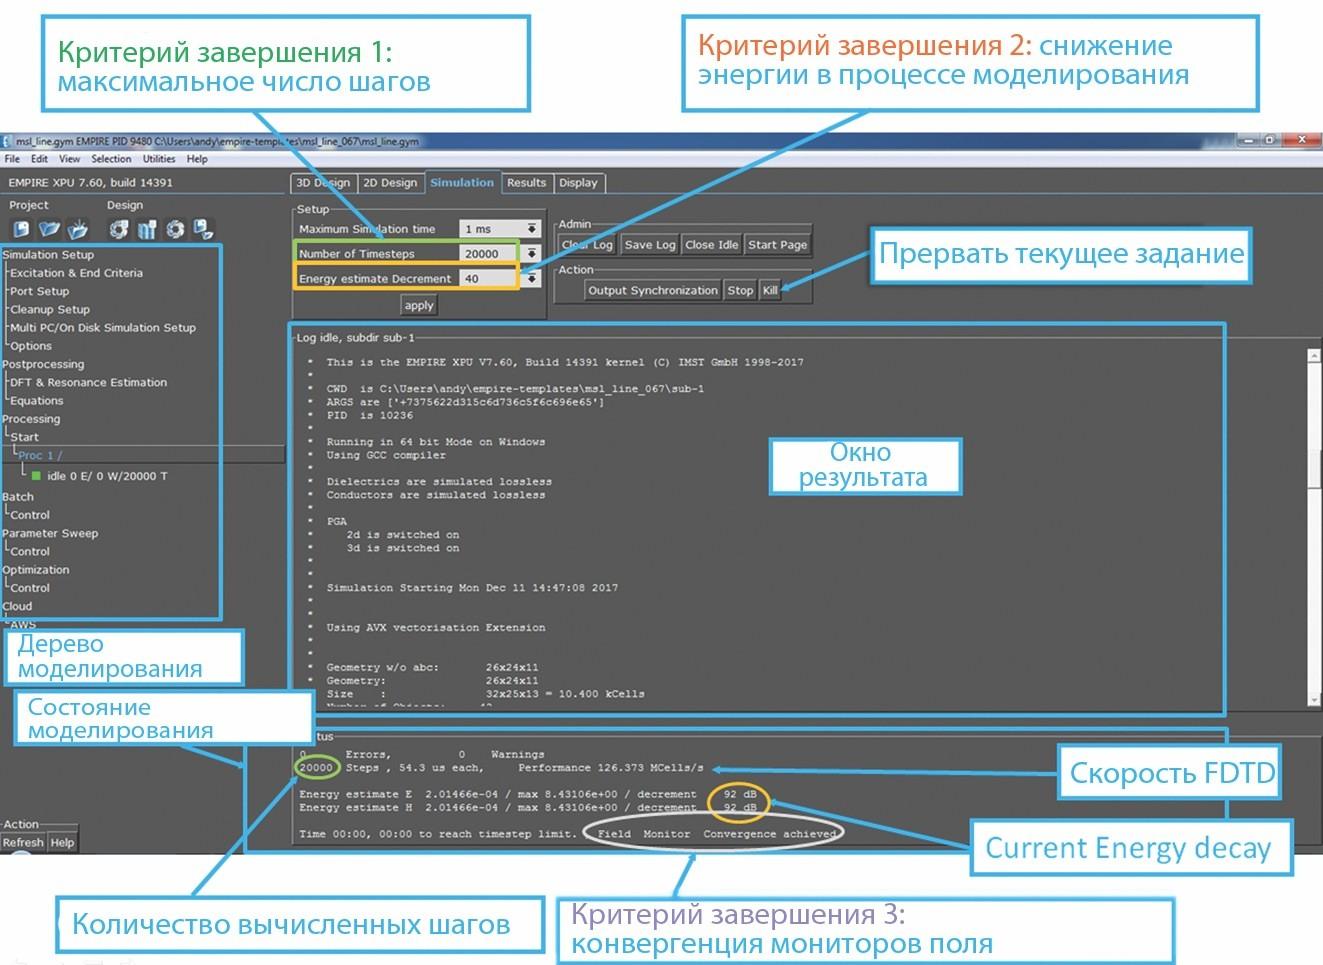 Вкладка моделирования (Simulation) и окно отчетов (Log Window)